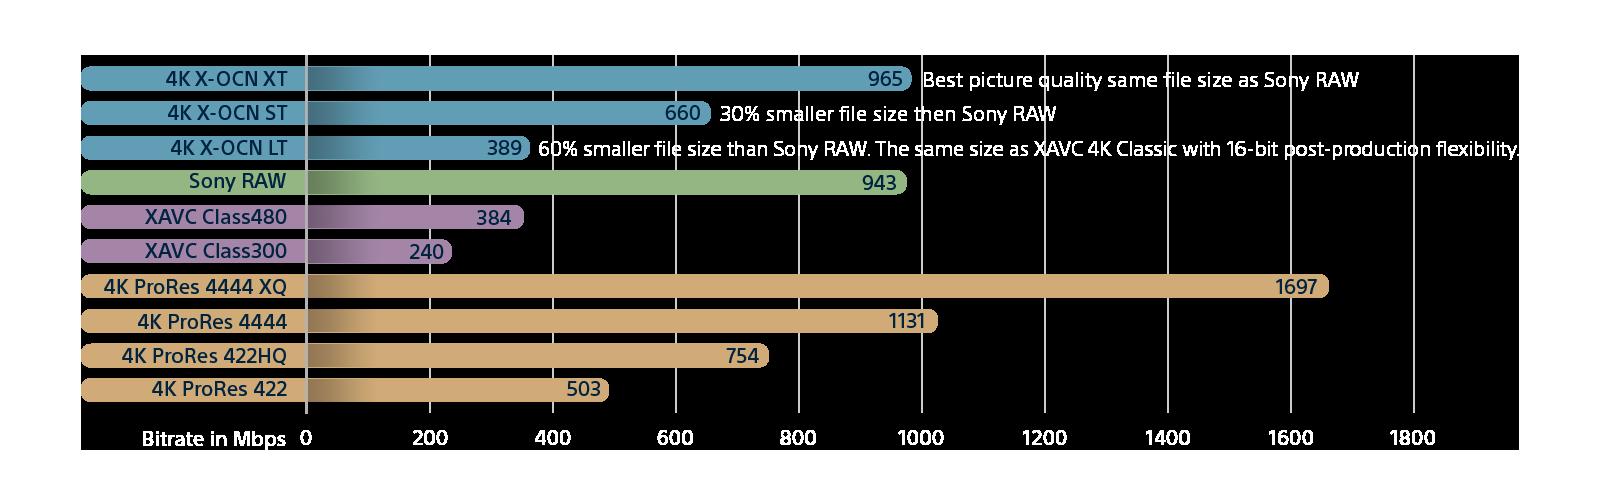 Bitrate comparison chart